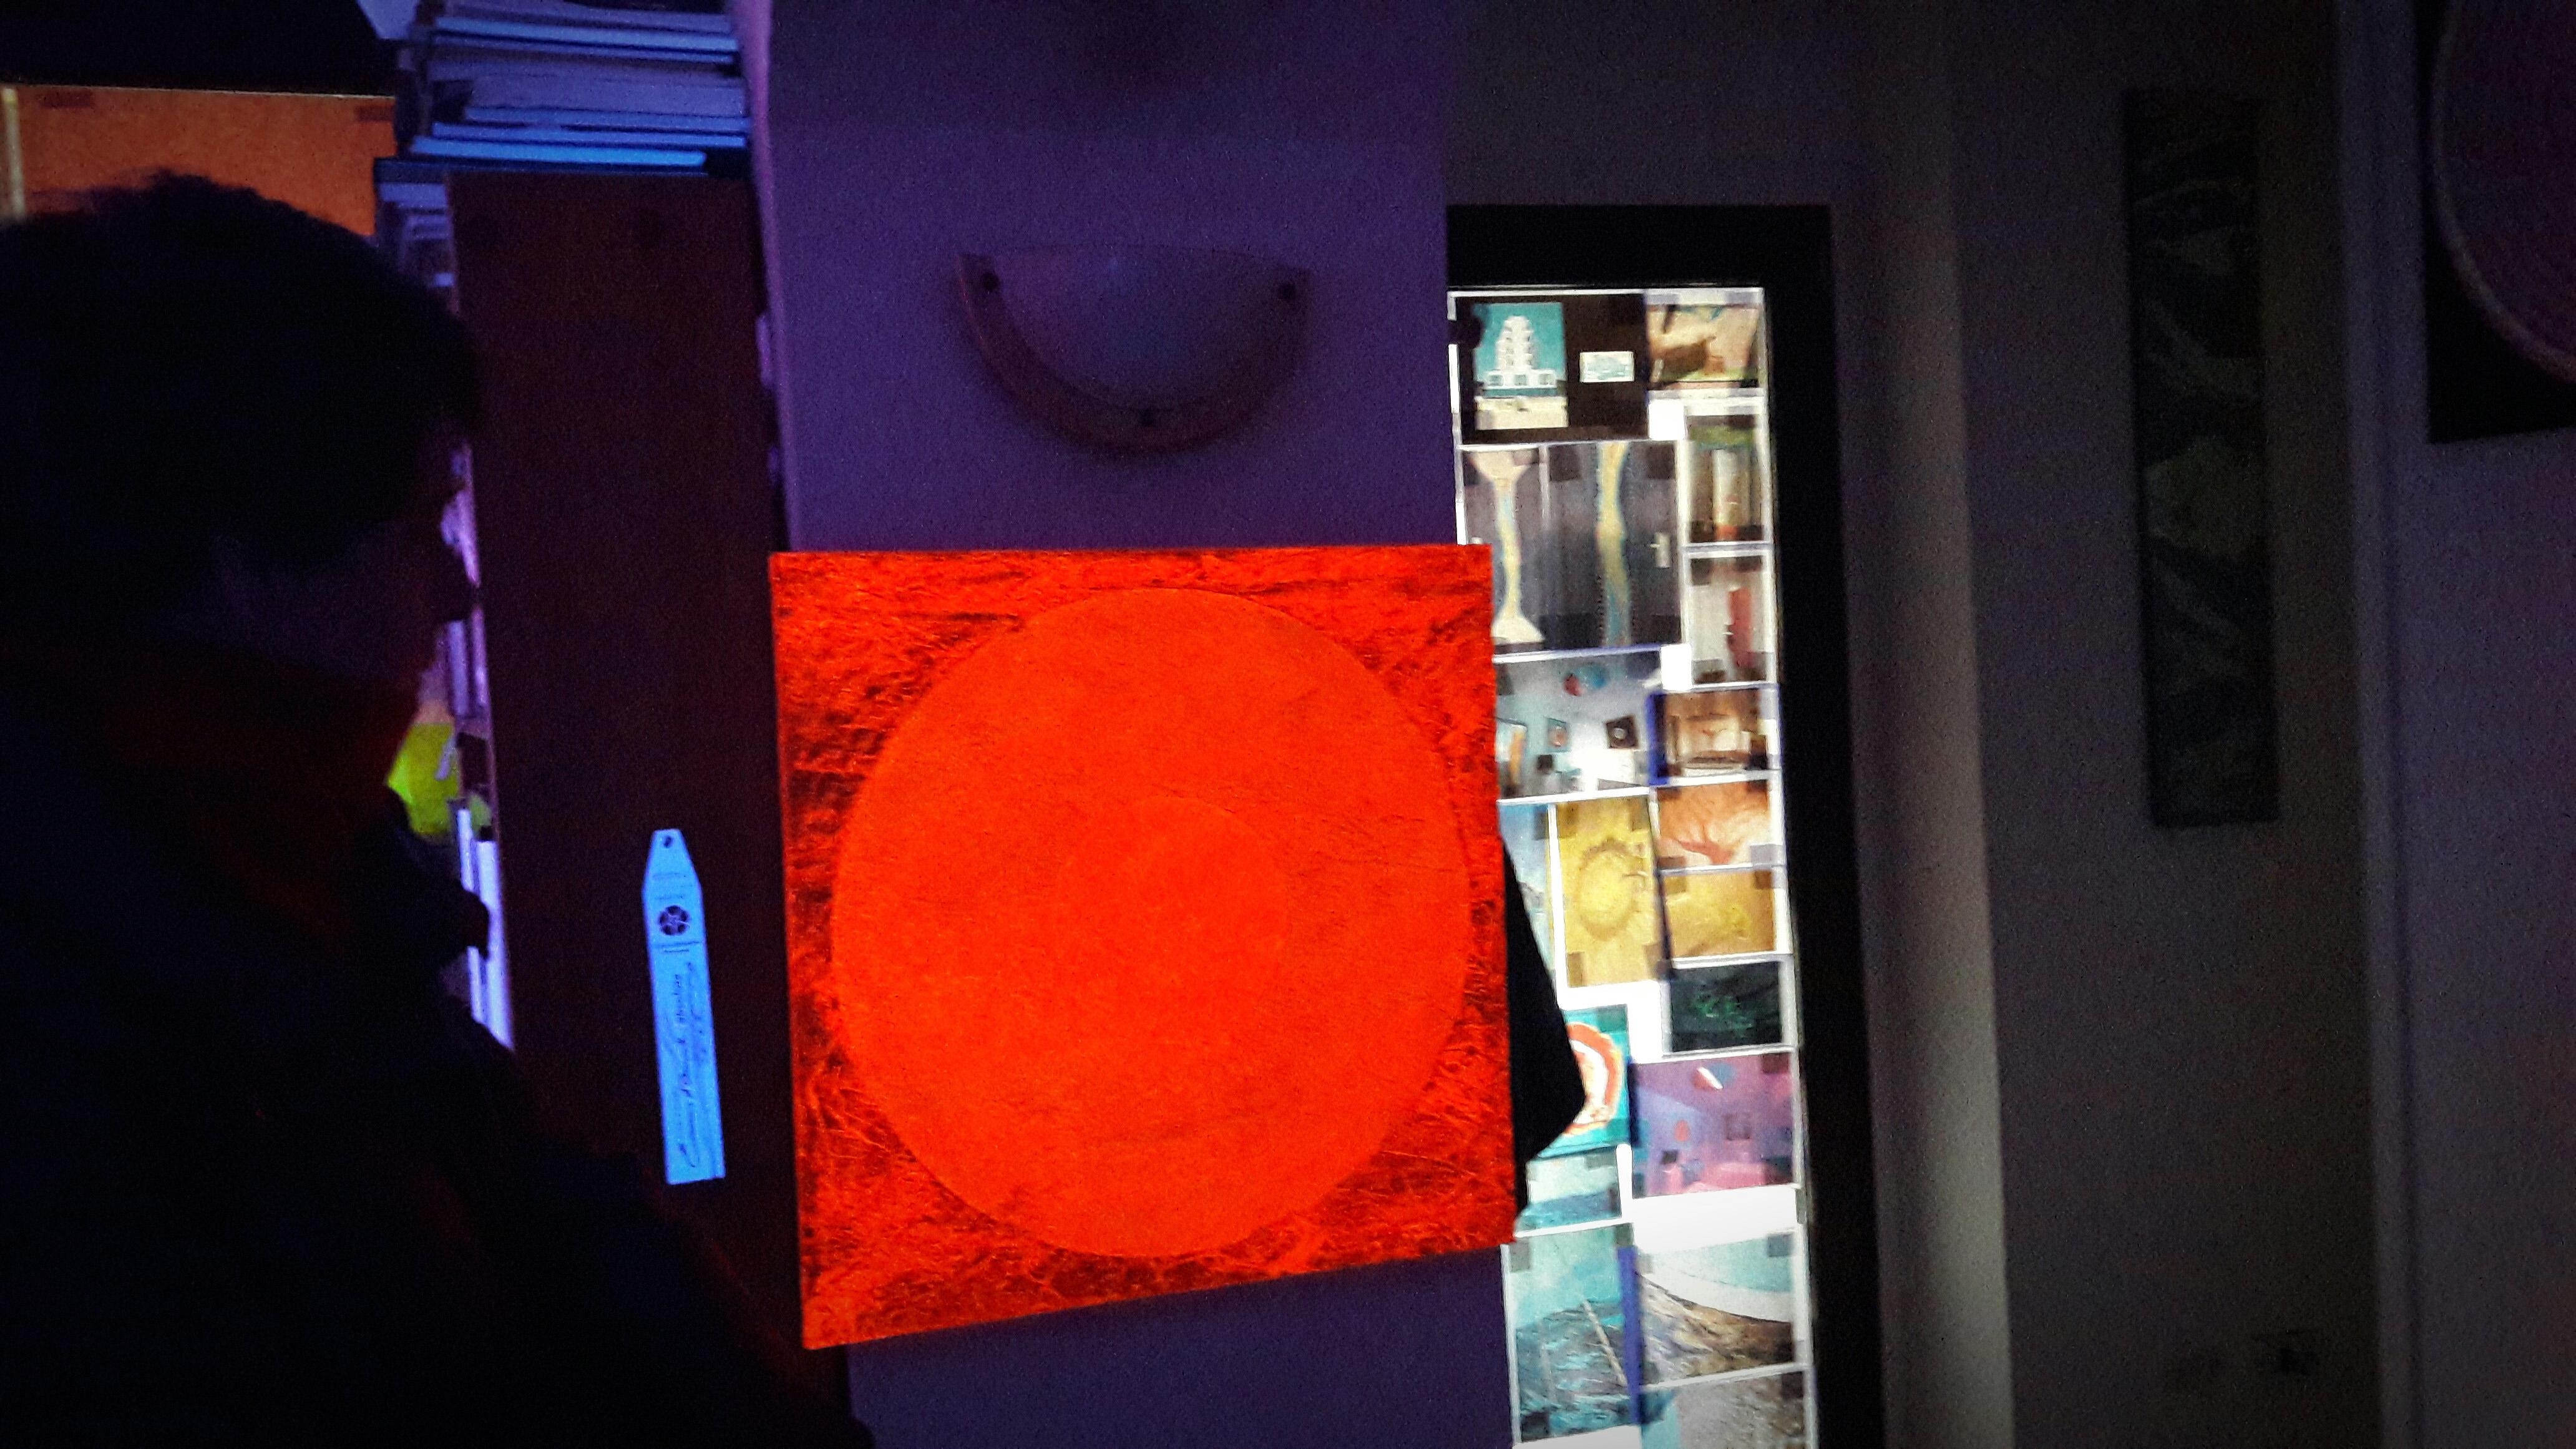 Arancione fosforescenti in una suggestiva visione al buio. Un'opera di LeoNilde Carabba